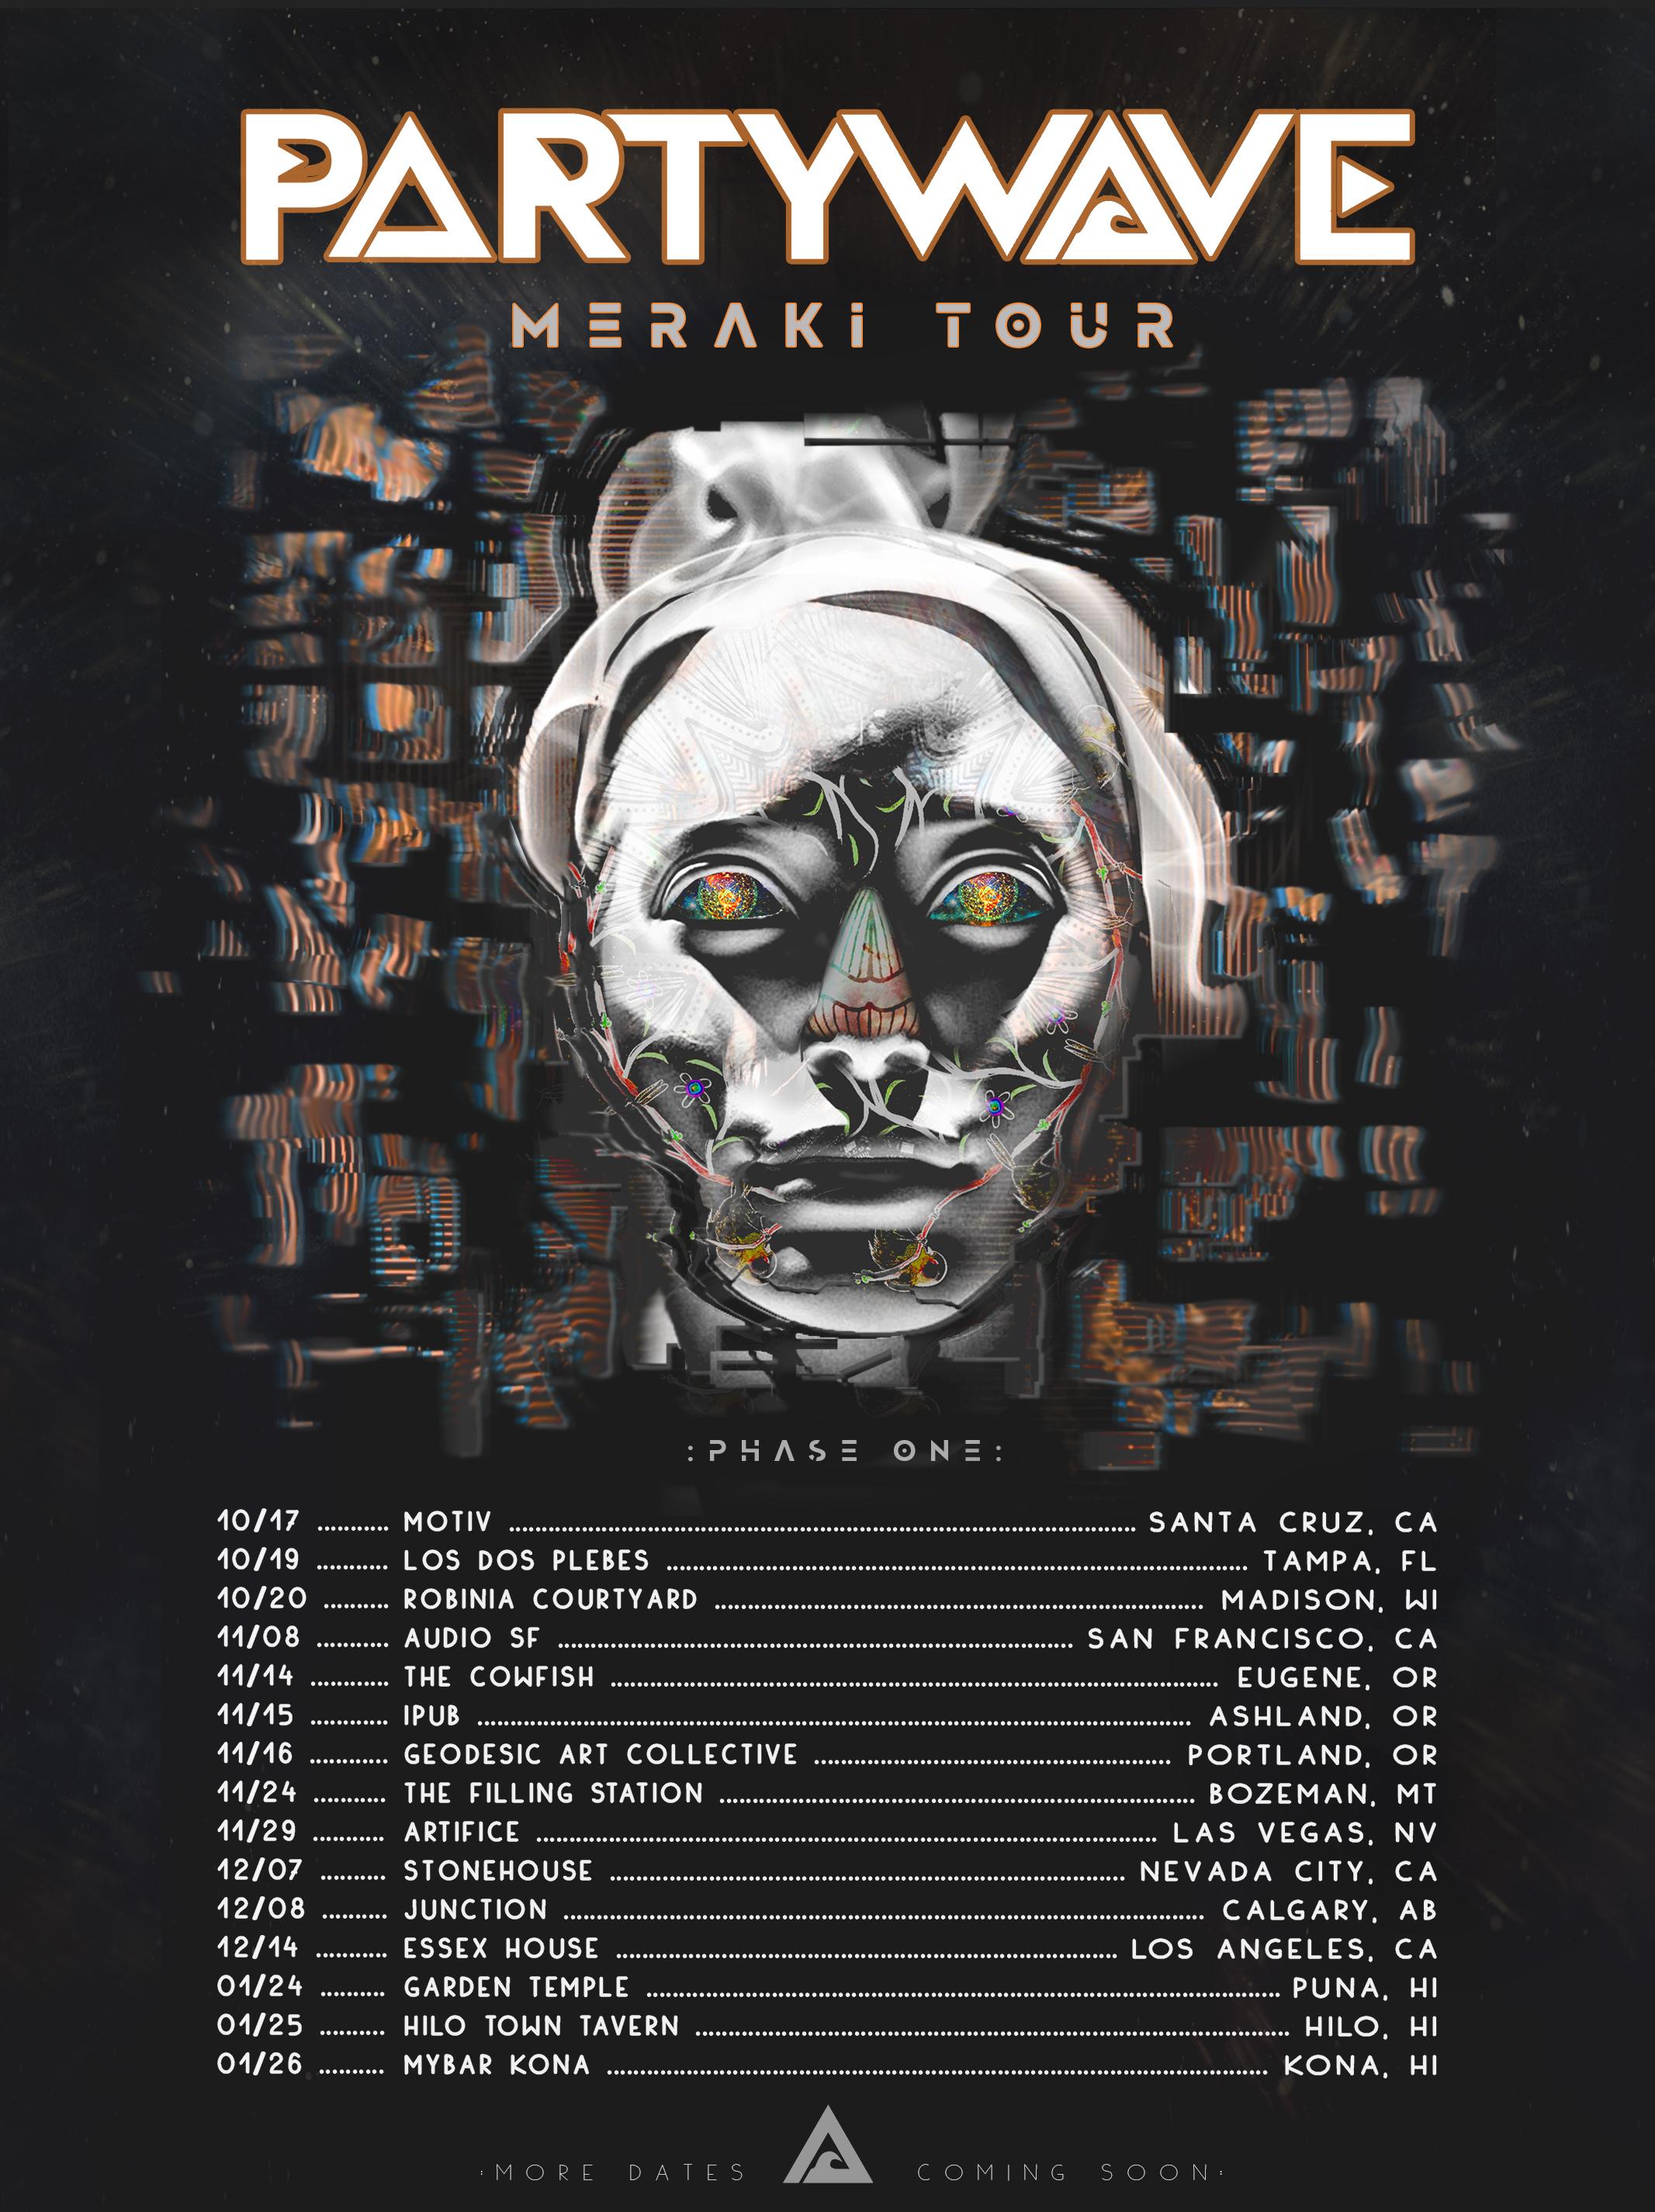 PartyWave - MERAKI TOUR FLYER [phase one dates].jpg